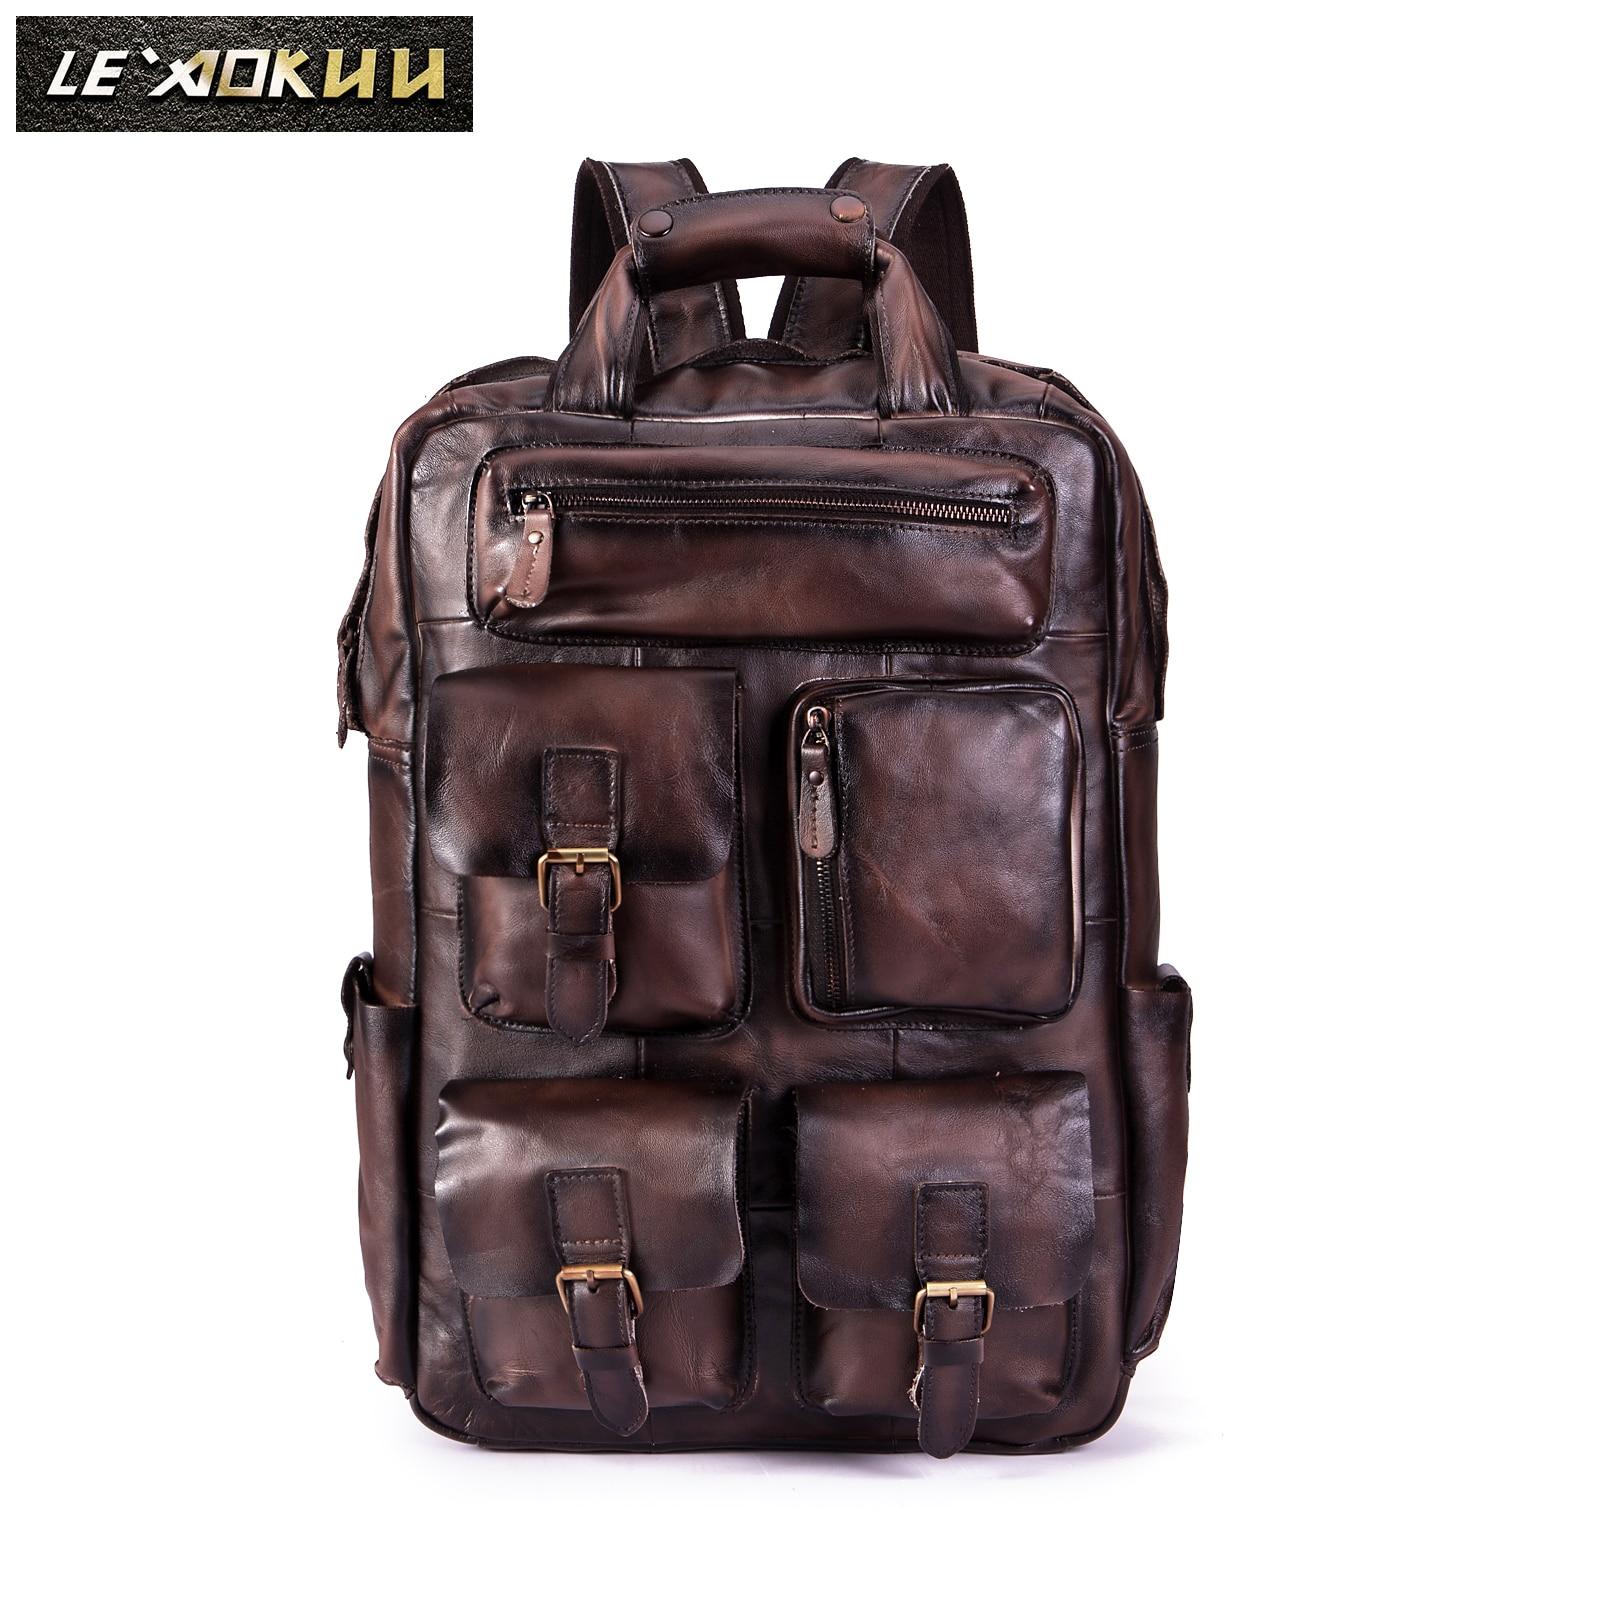 جودة أزياء والجلود سفر كلية حقيبة مدرسية تصميم الذكور الثقيلة كبيرة على ظهره Daypack حقيبة الطالب حقيبة لابتوب الرجال 1170 dc-في حقائب الظهر من حقائب وأمتعة على  مجموعة 1